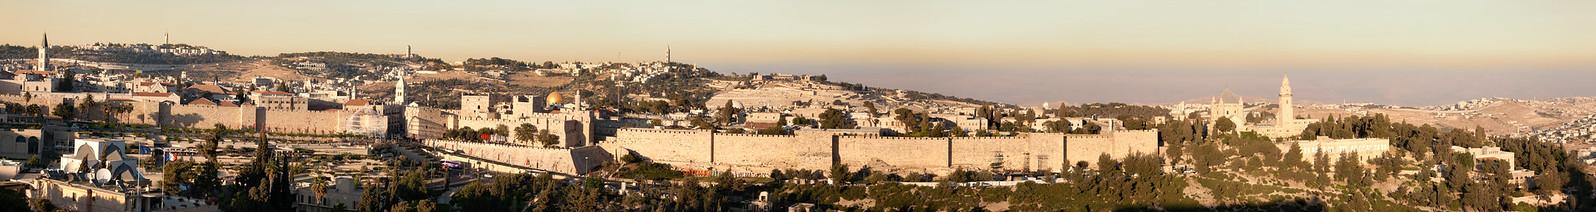 Panorama6 _Jerusalem_Noam Chen_IMOT